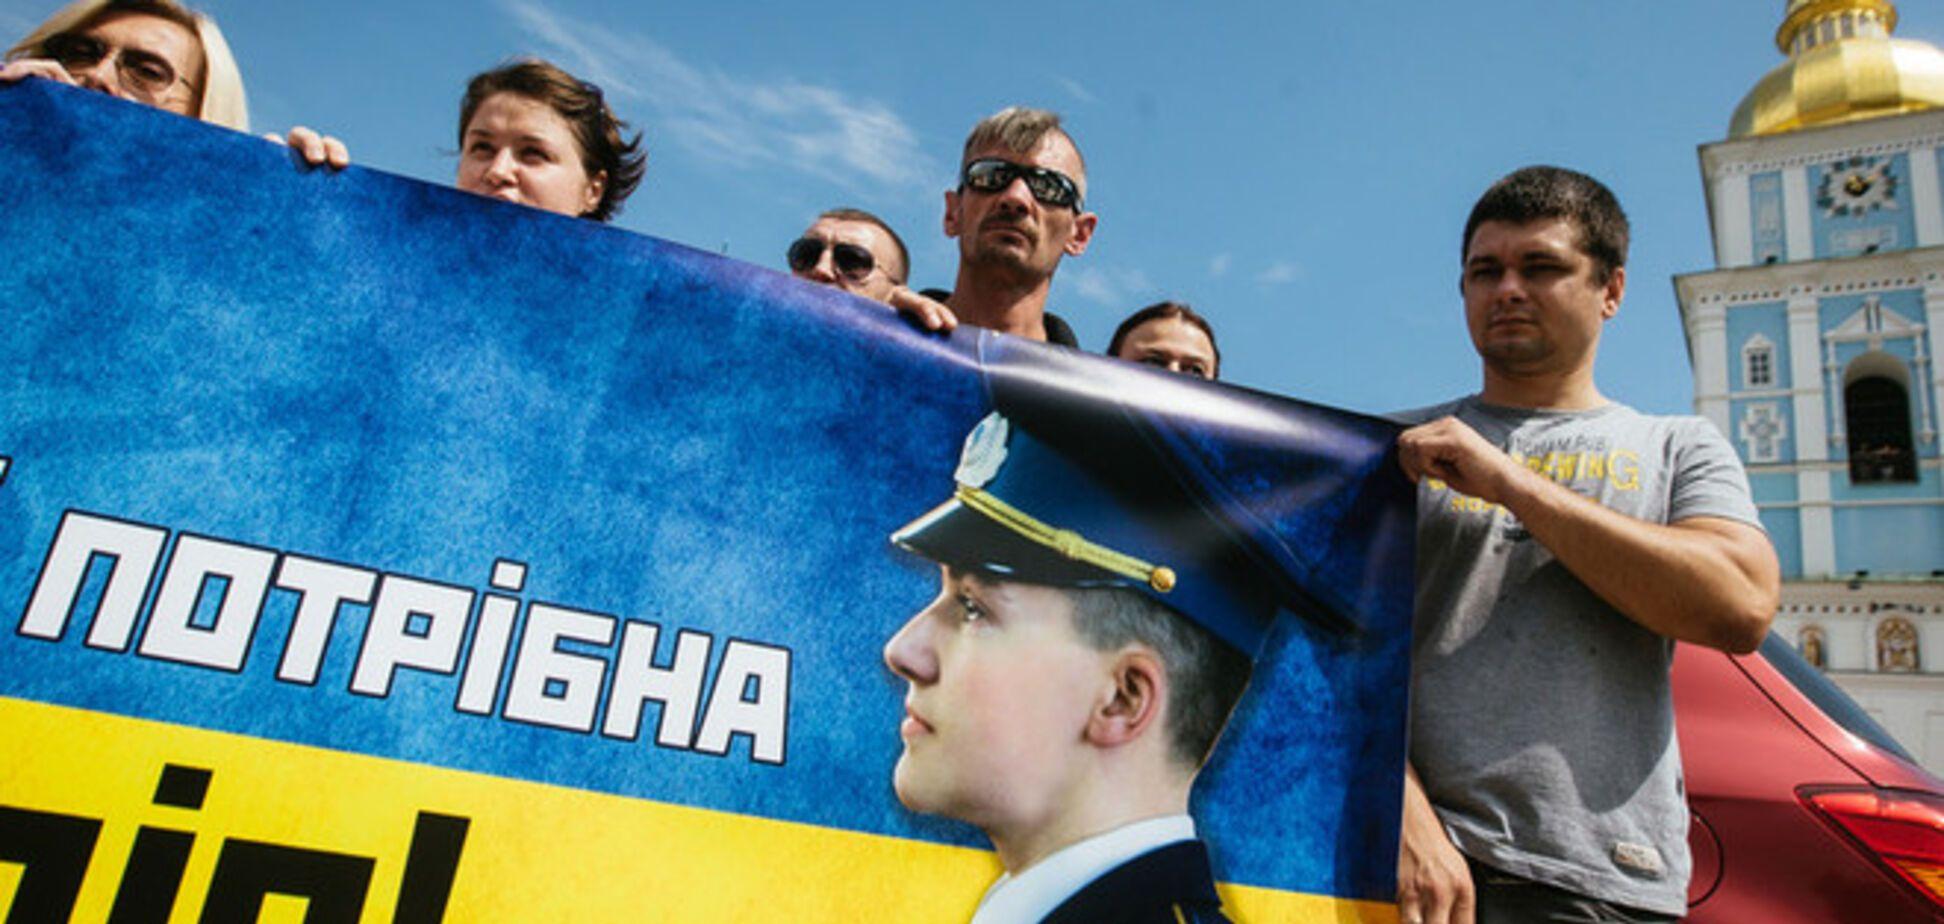 Российские правозащитники официально признали Савченко политзаключенной